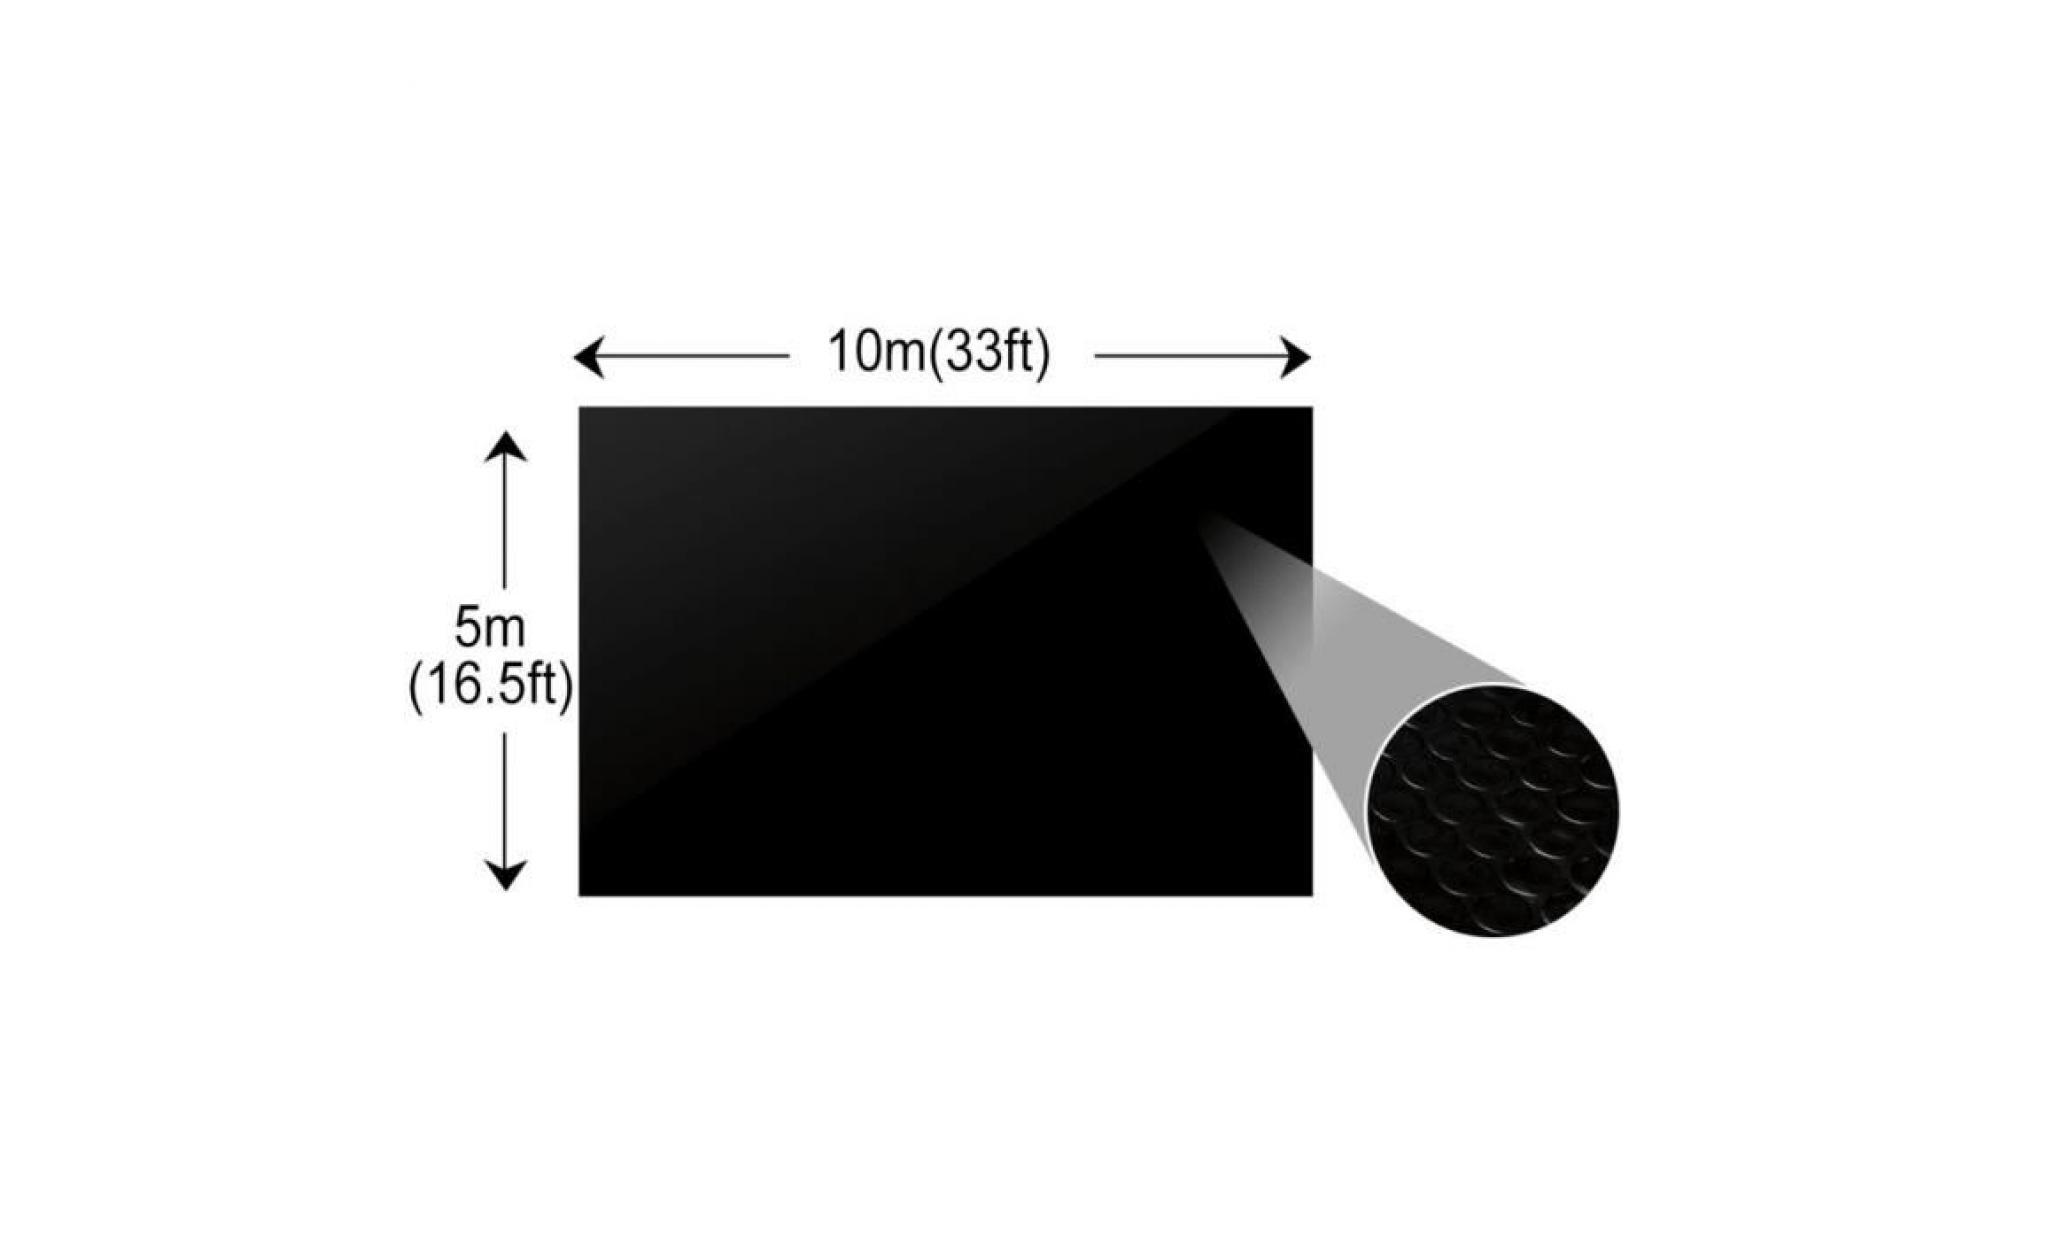 baches de piscines et tapis de sol couleur noir dimensions 6 x 4 m materiel pe epais avec bulles d air ma achat vente bache piscine pas cher coindujardin com